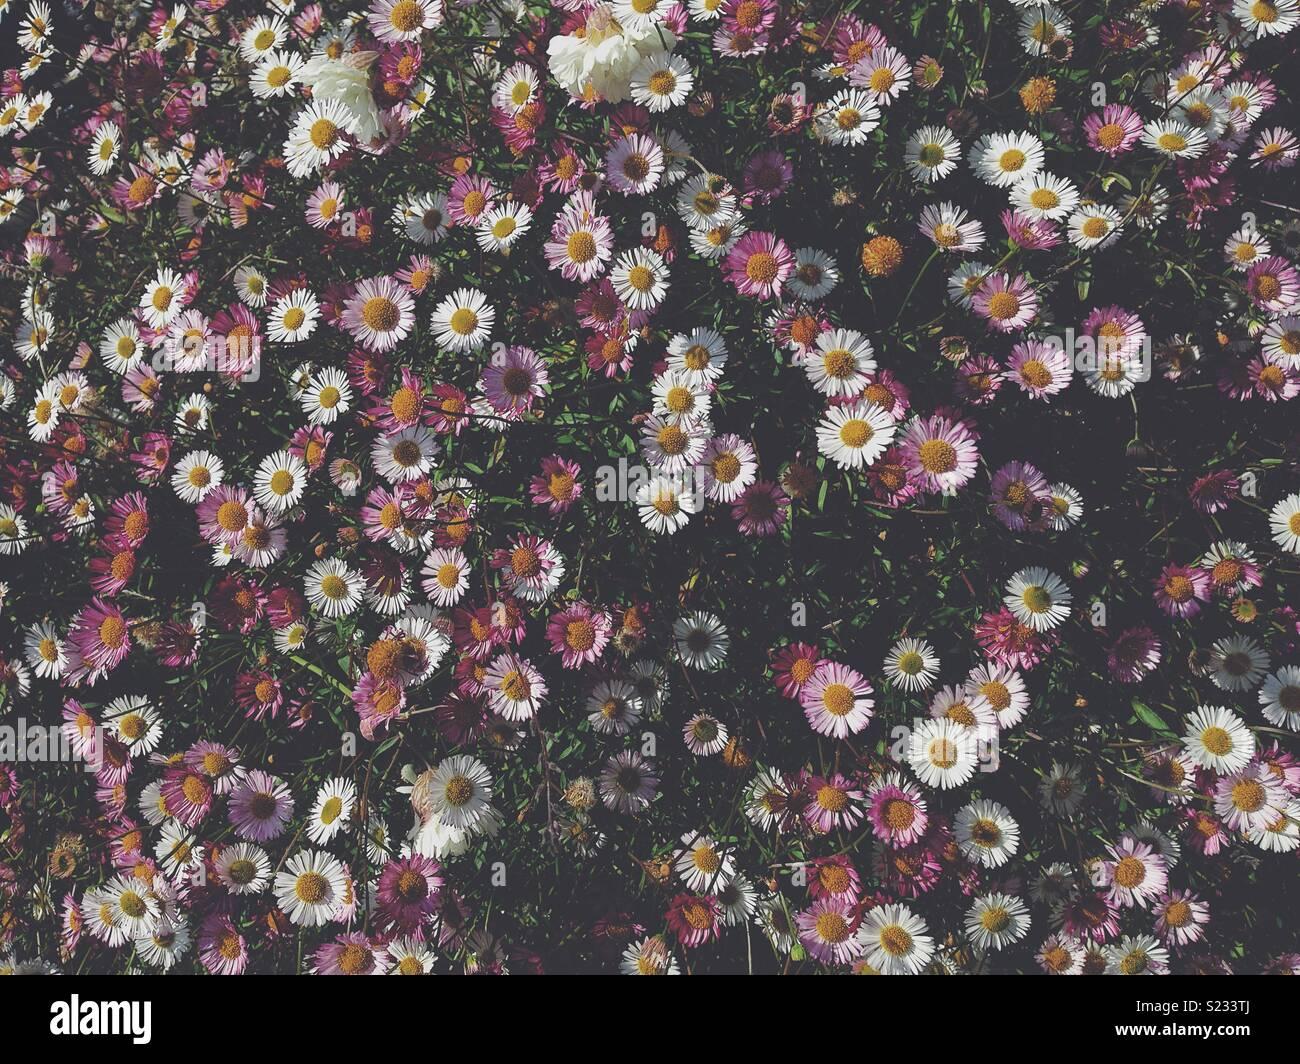 Daisy daisy - Stock Image